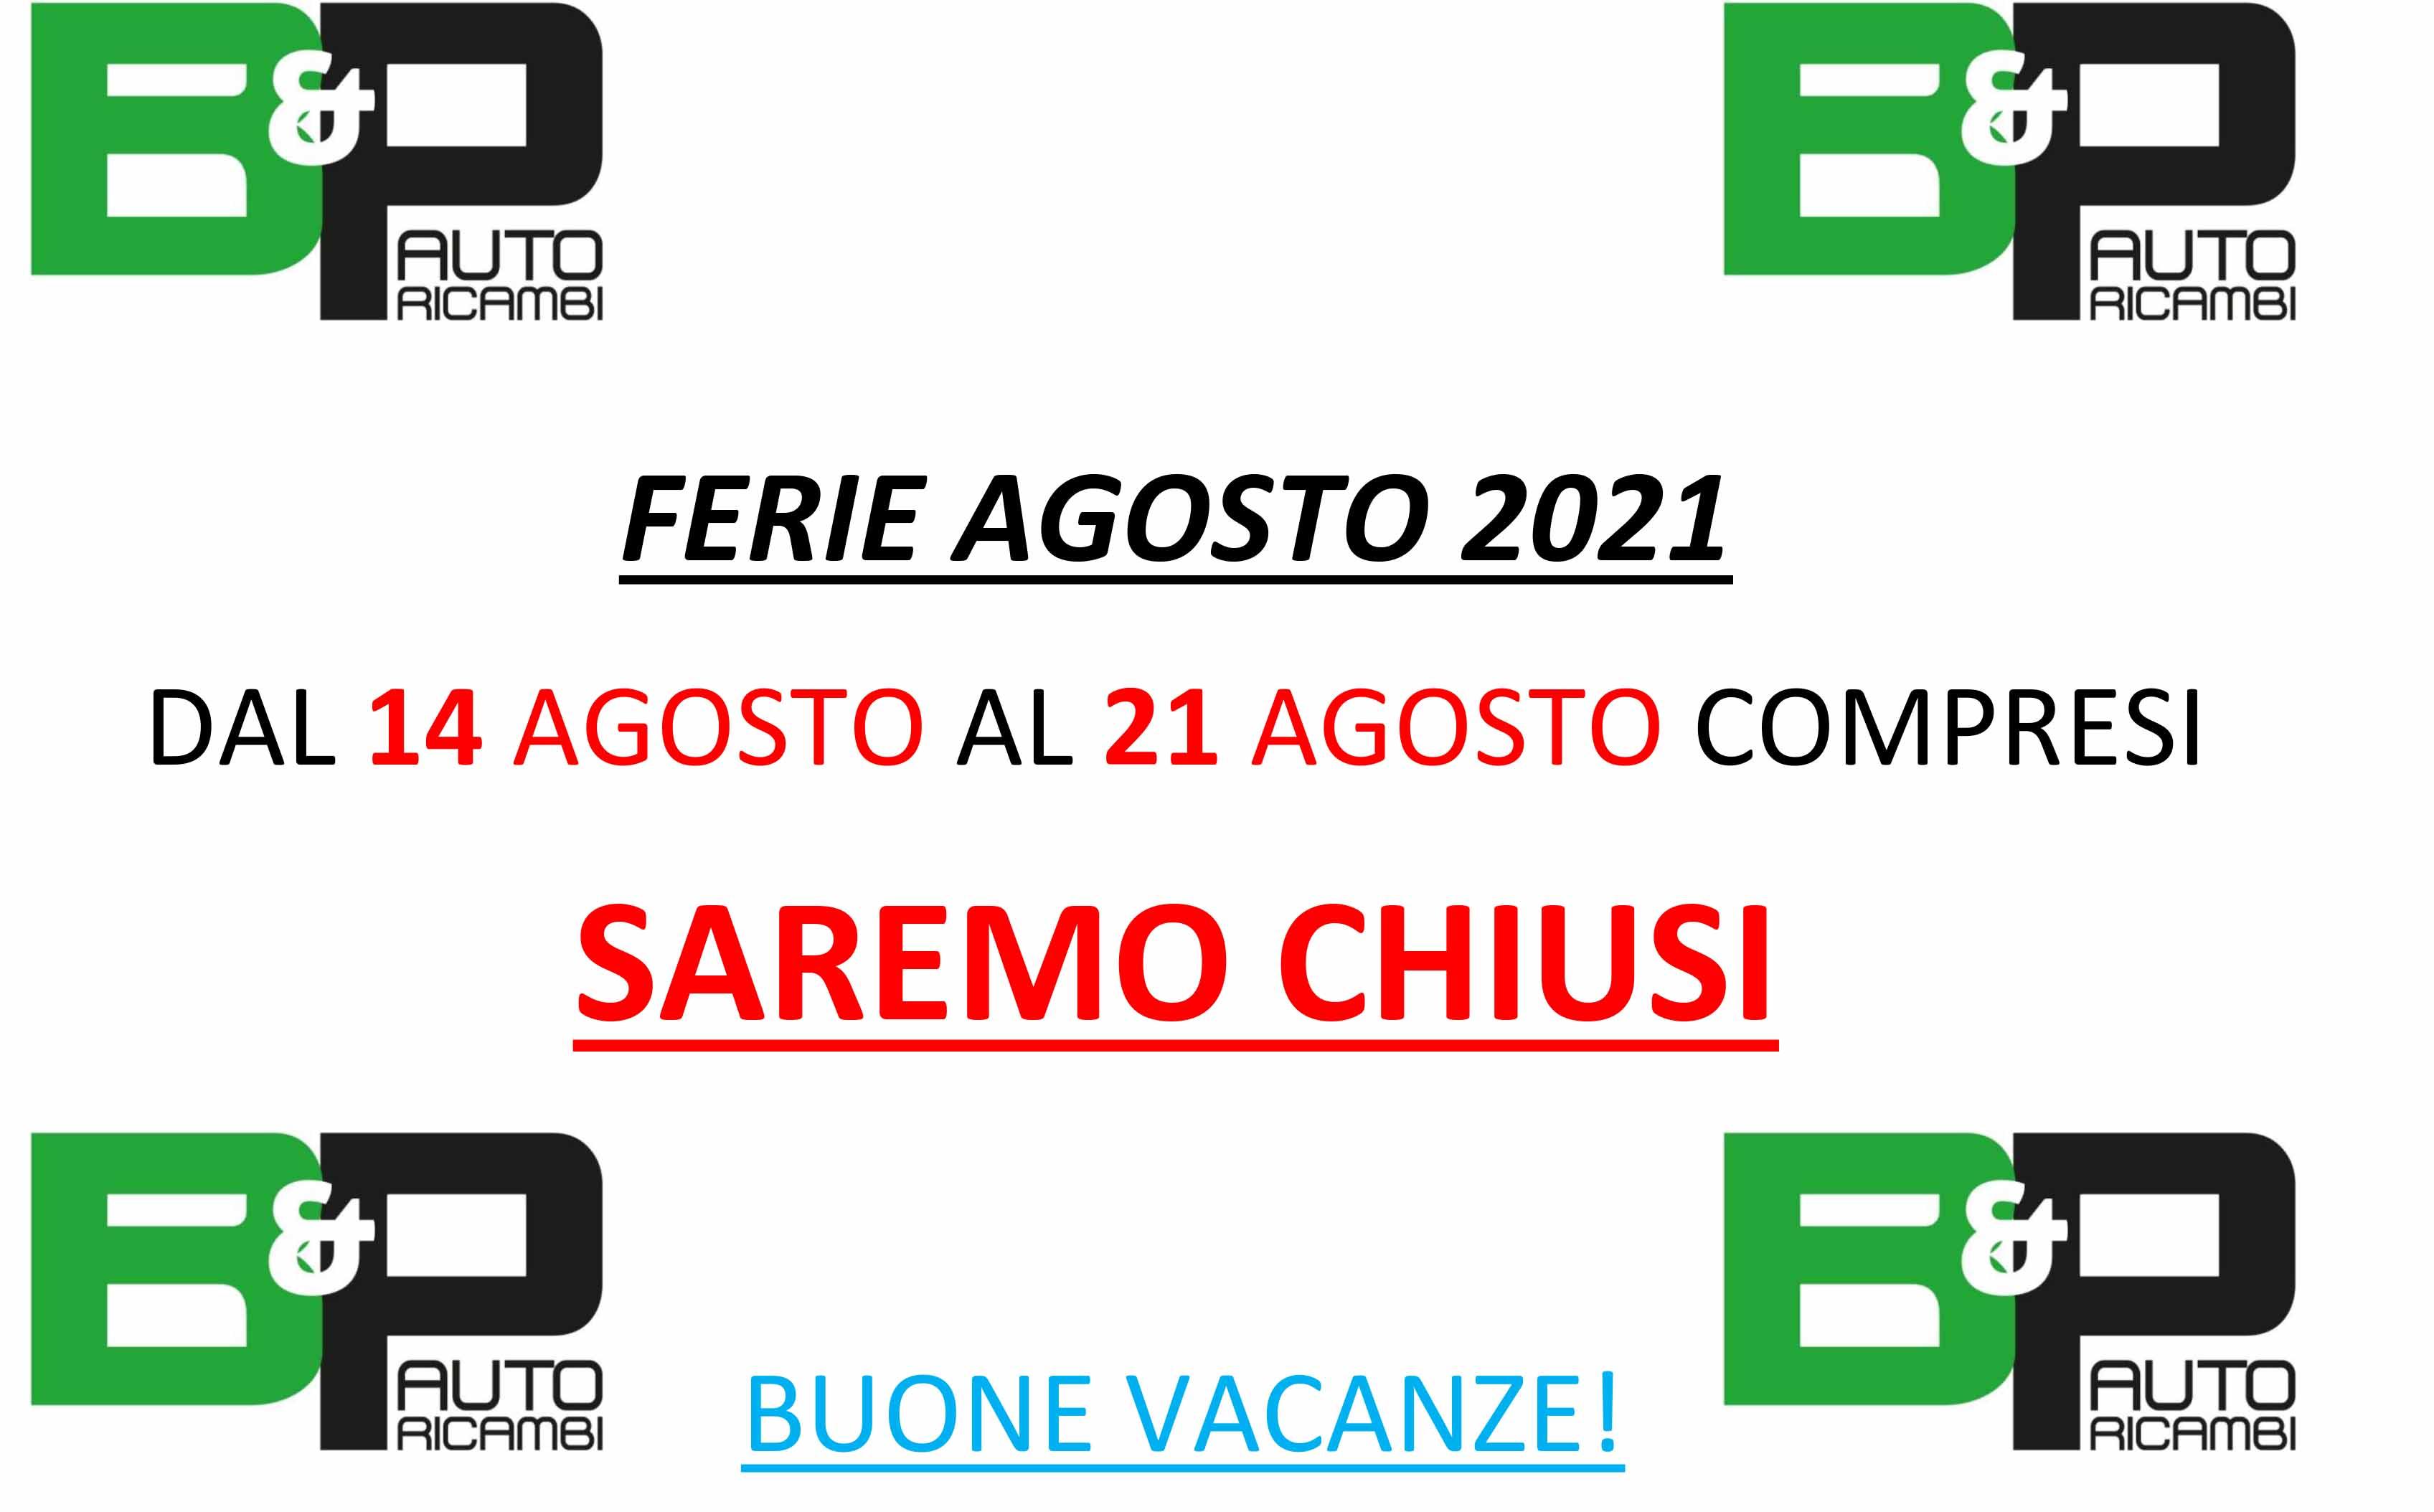 FERIE AGOSTO 2021